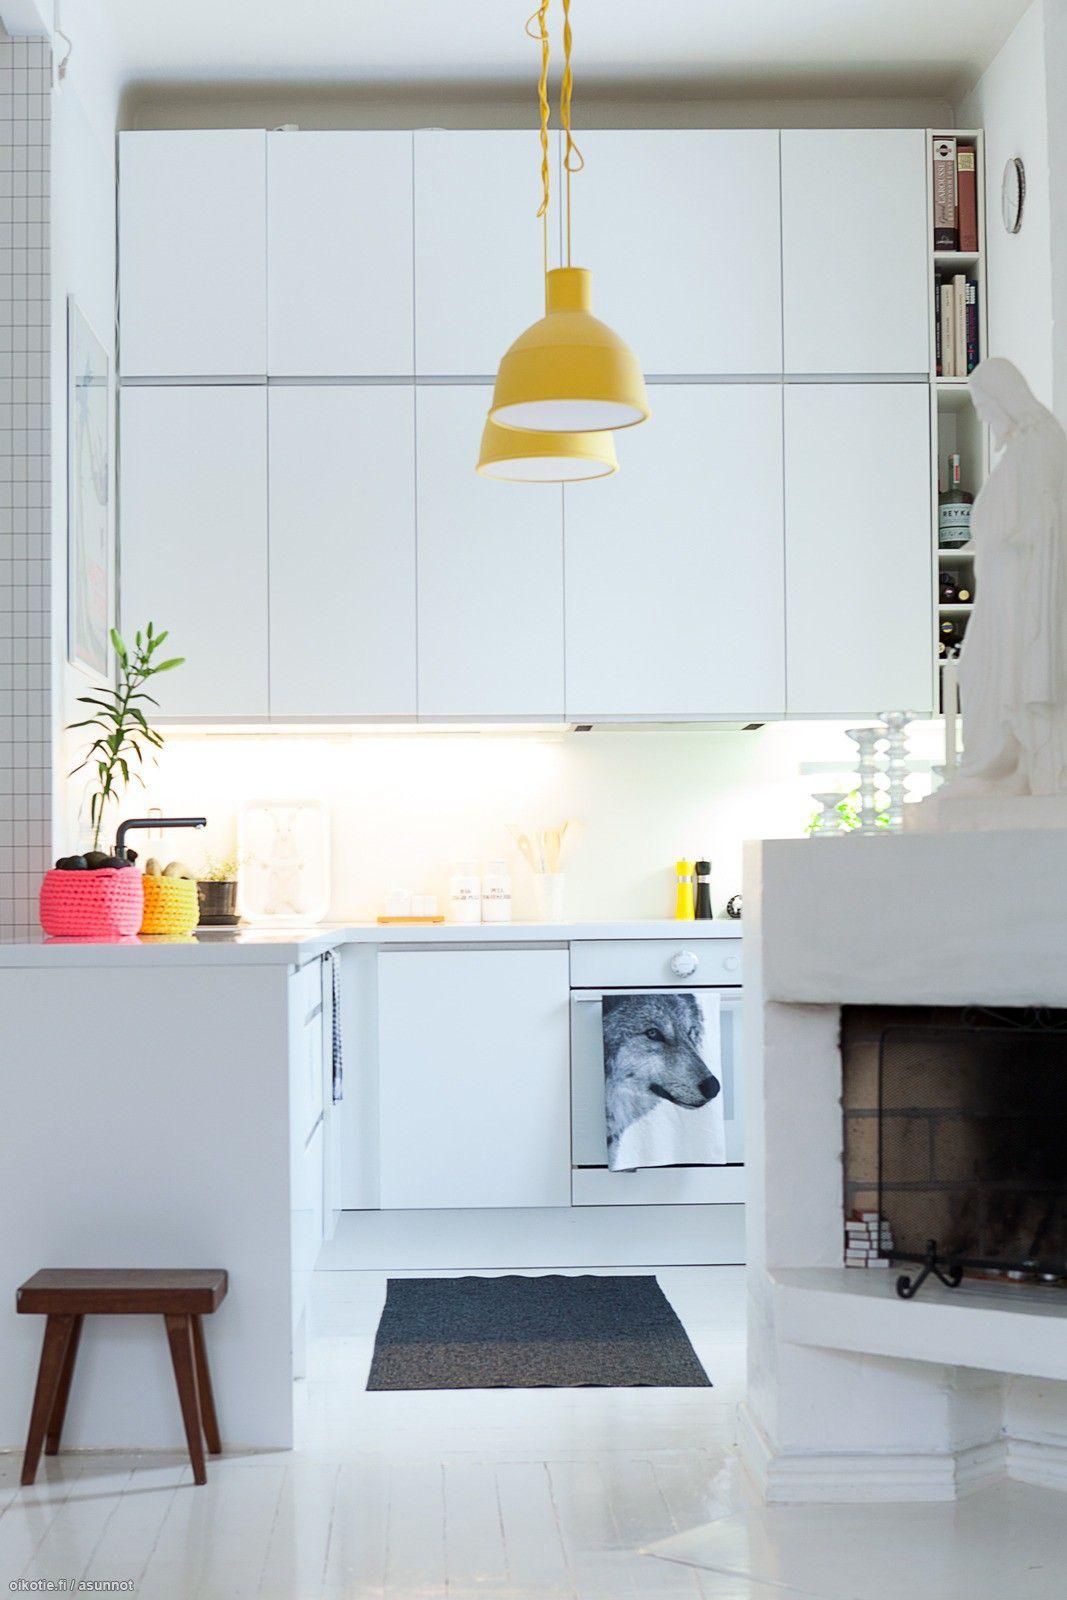 Myytävät asunnot, Korkeavuorenkatu 6 6 B 15, Helsinki #oikotieasunnot #keitti